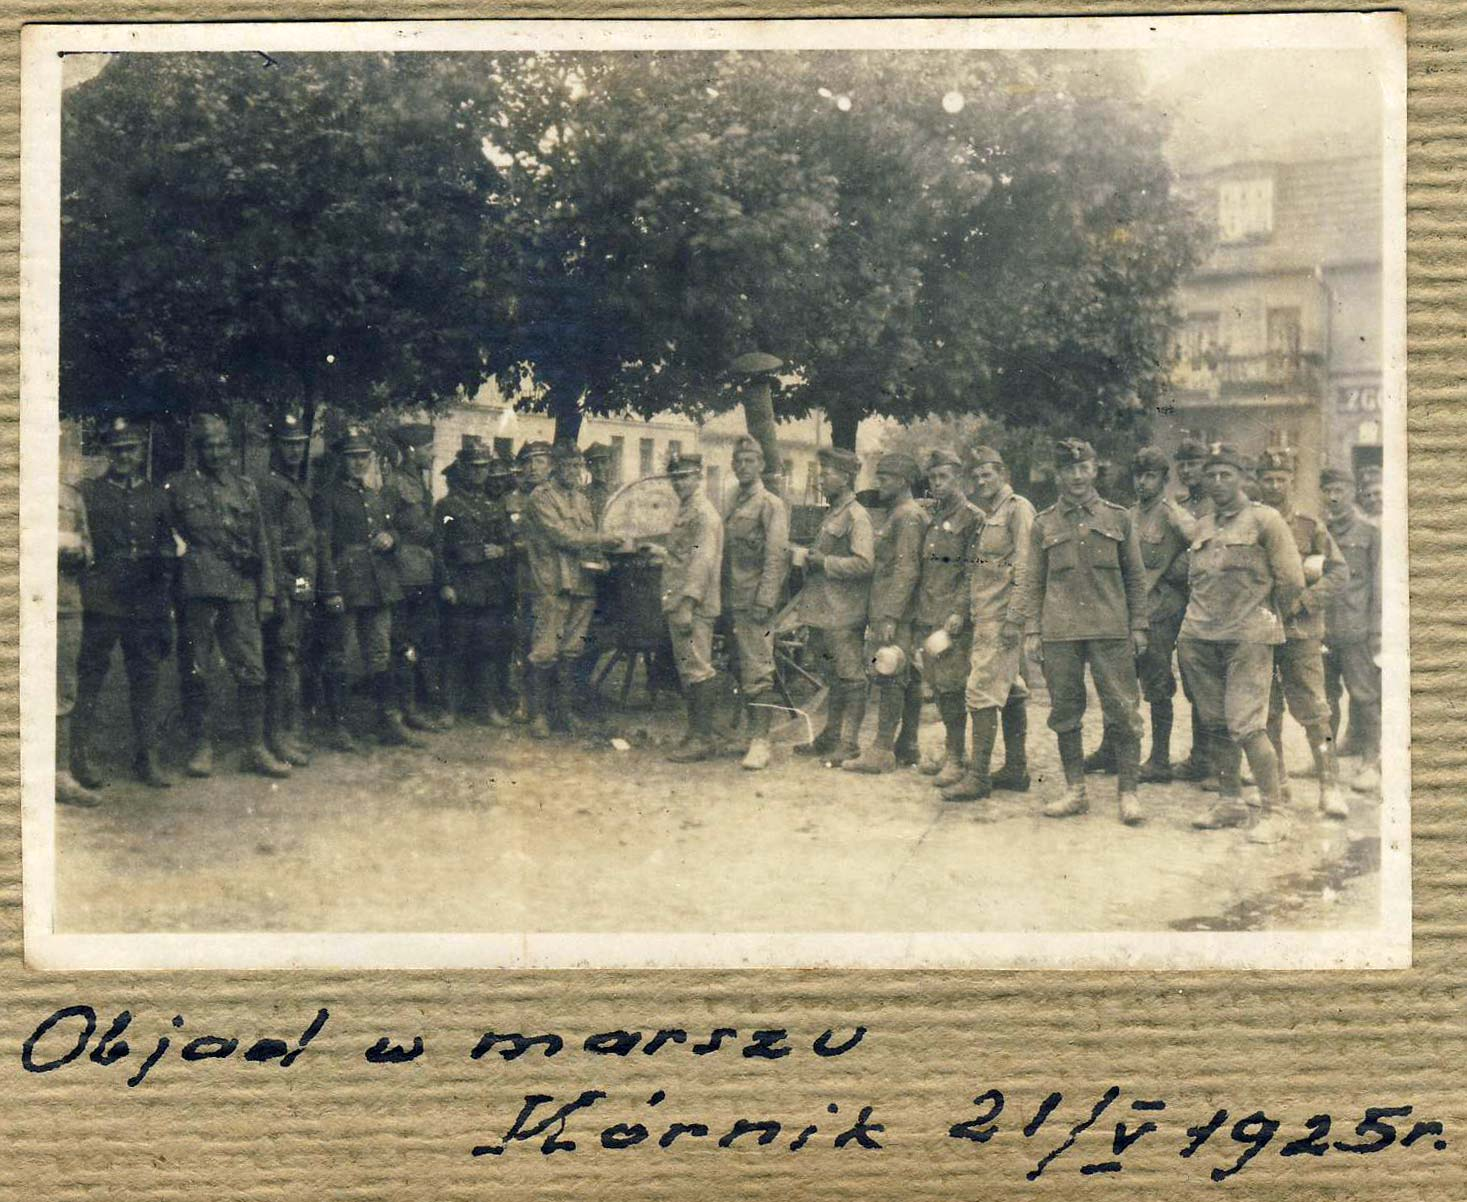 Obiad w marszu – Kórnik 21.05.1925 r